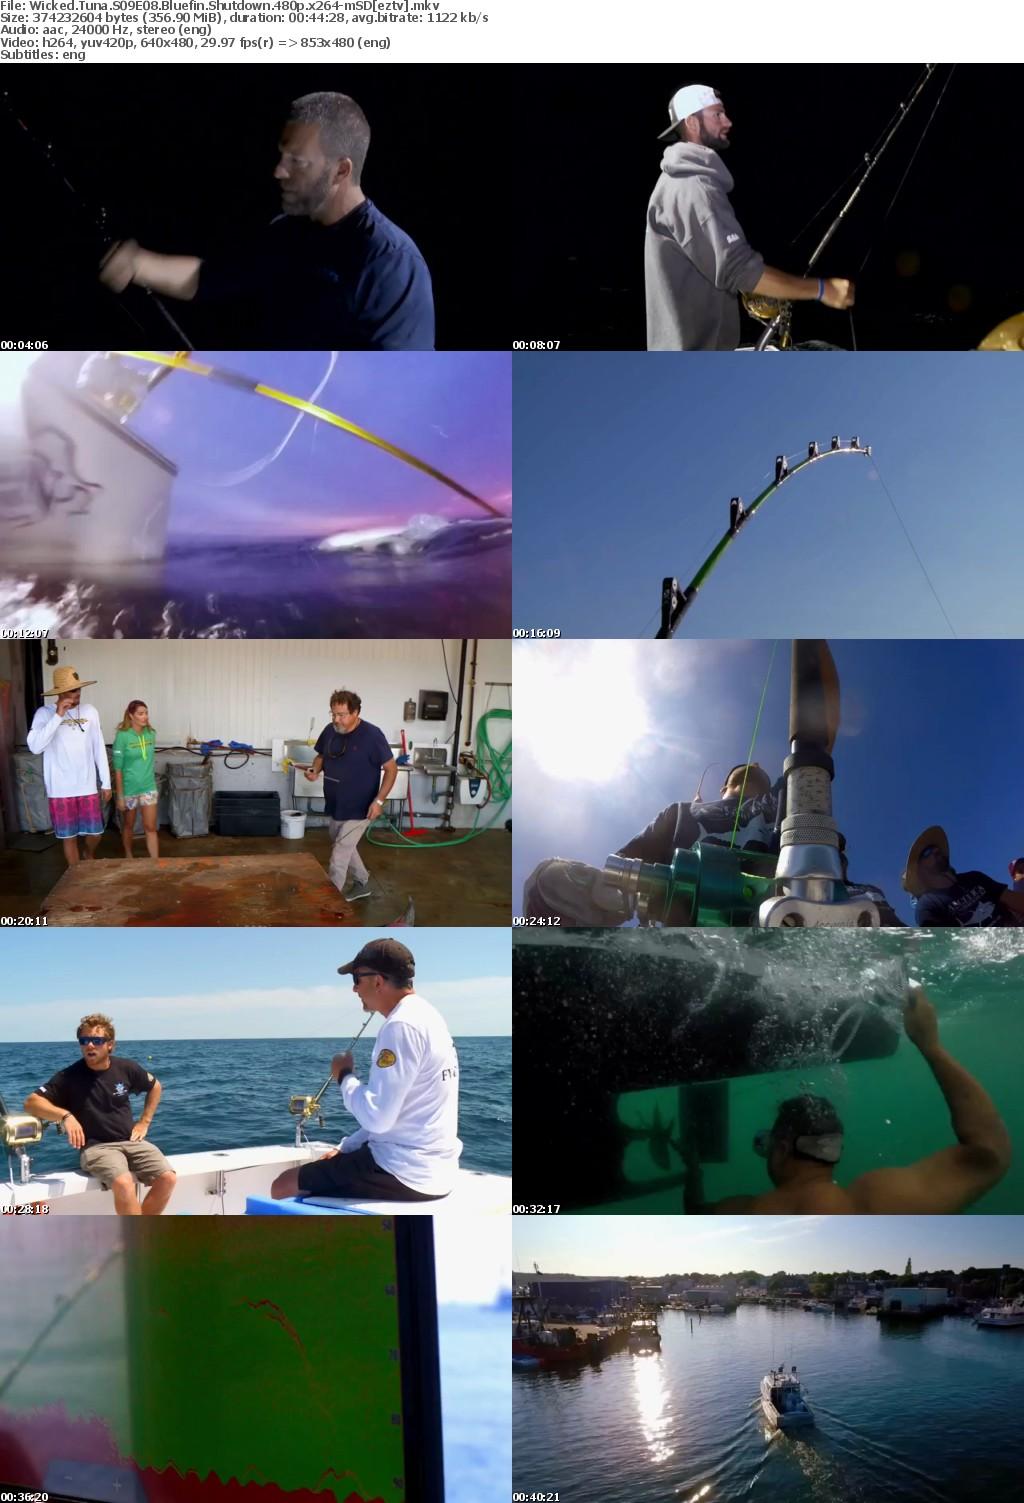 Wicked Tuna S09E08 Bluefin Shutdown 480p x264-mSD